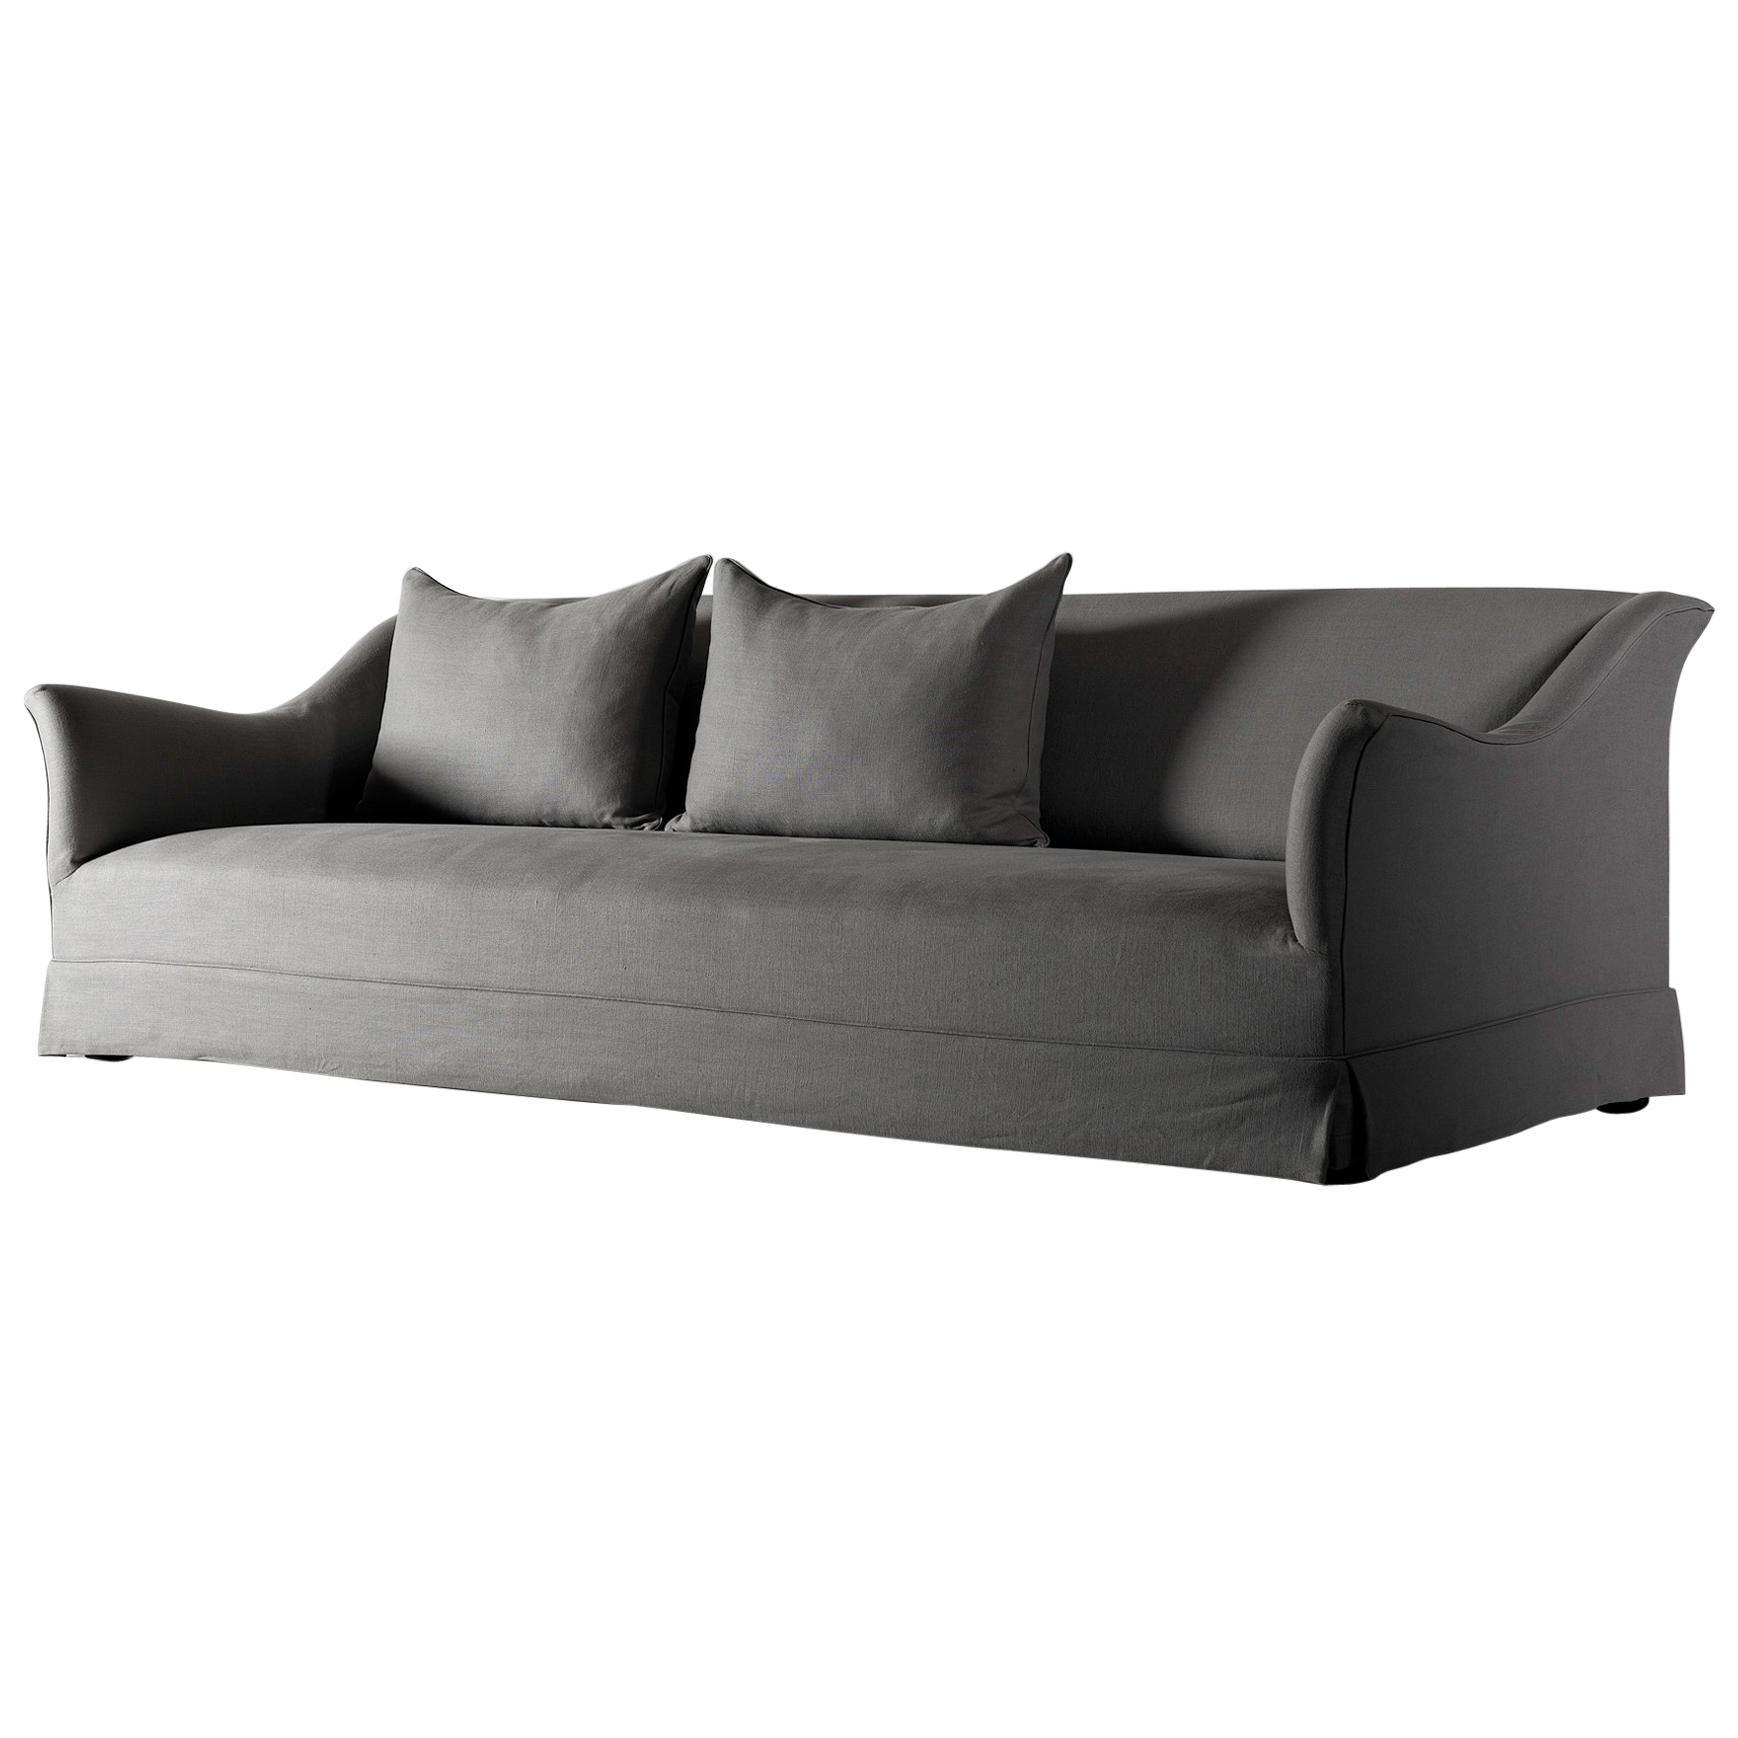 Bespoke Handmade Belgian Linen Sofa